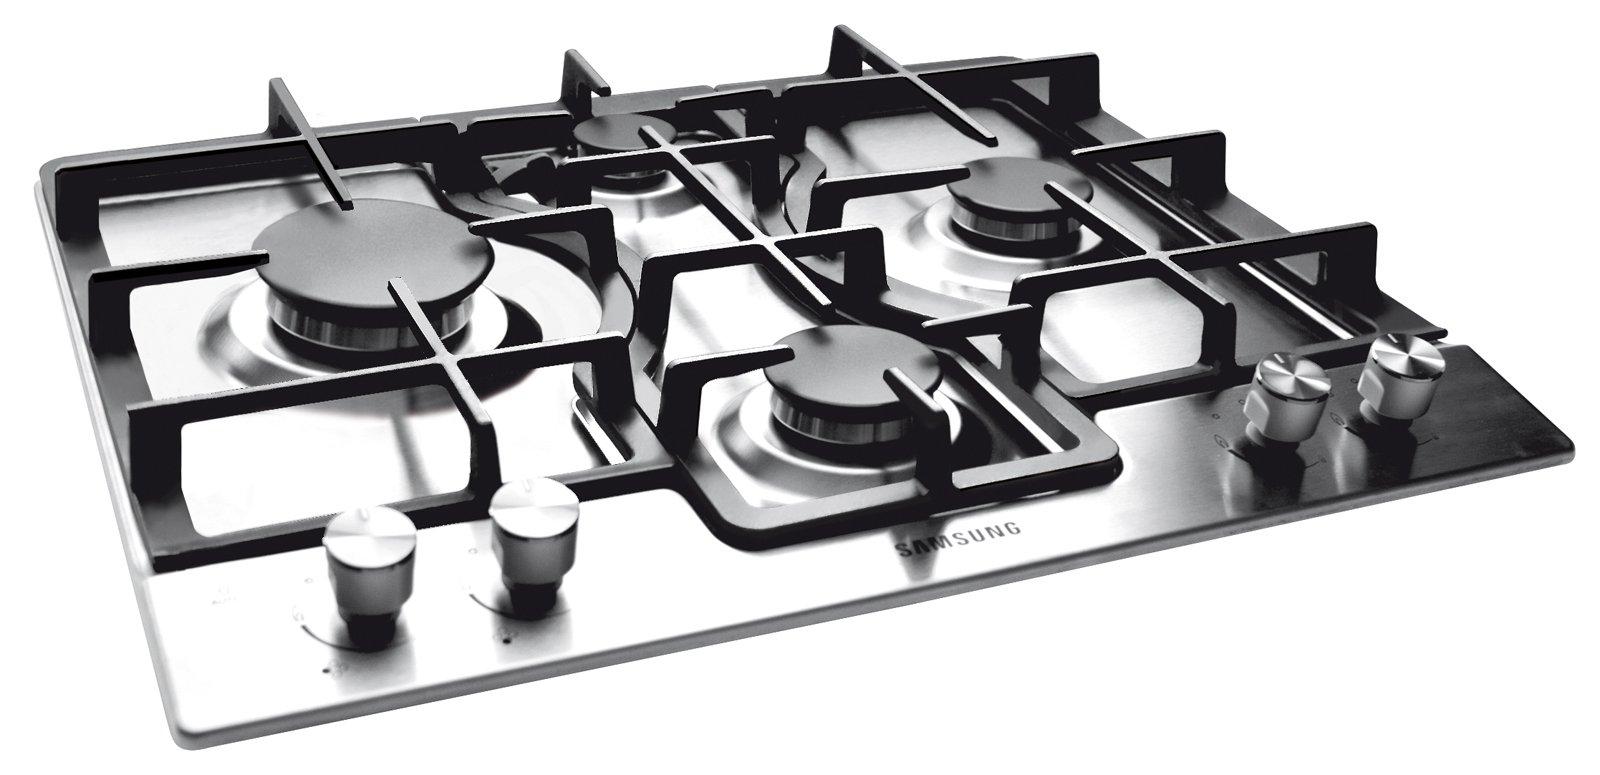 Piani cottura con o senza fiamma cose di casa for Moderni piani di palafitte